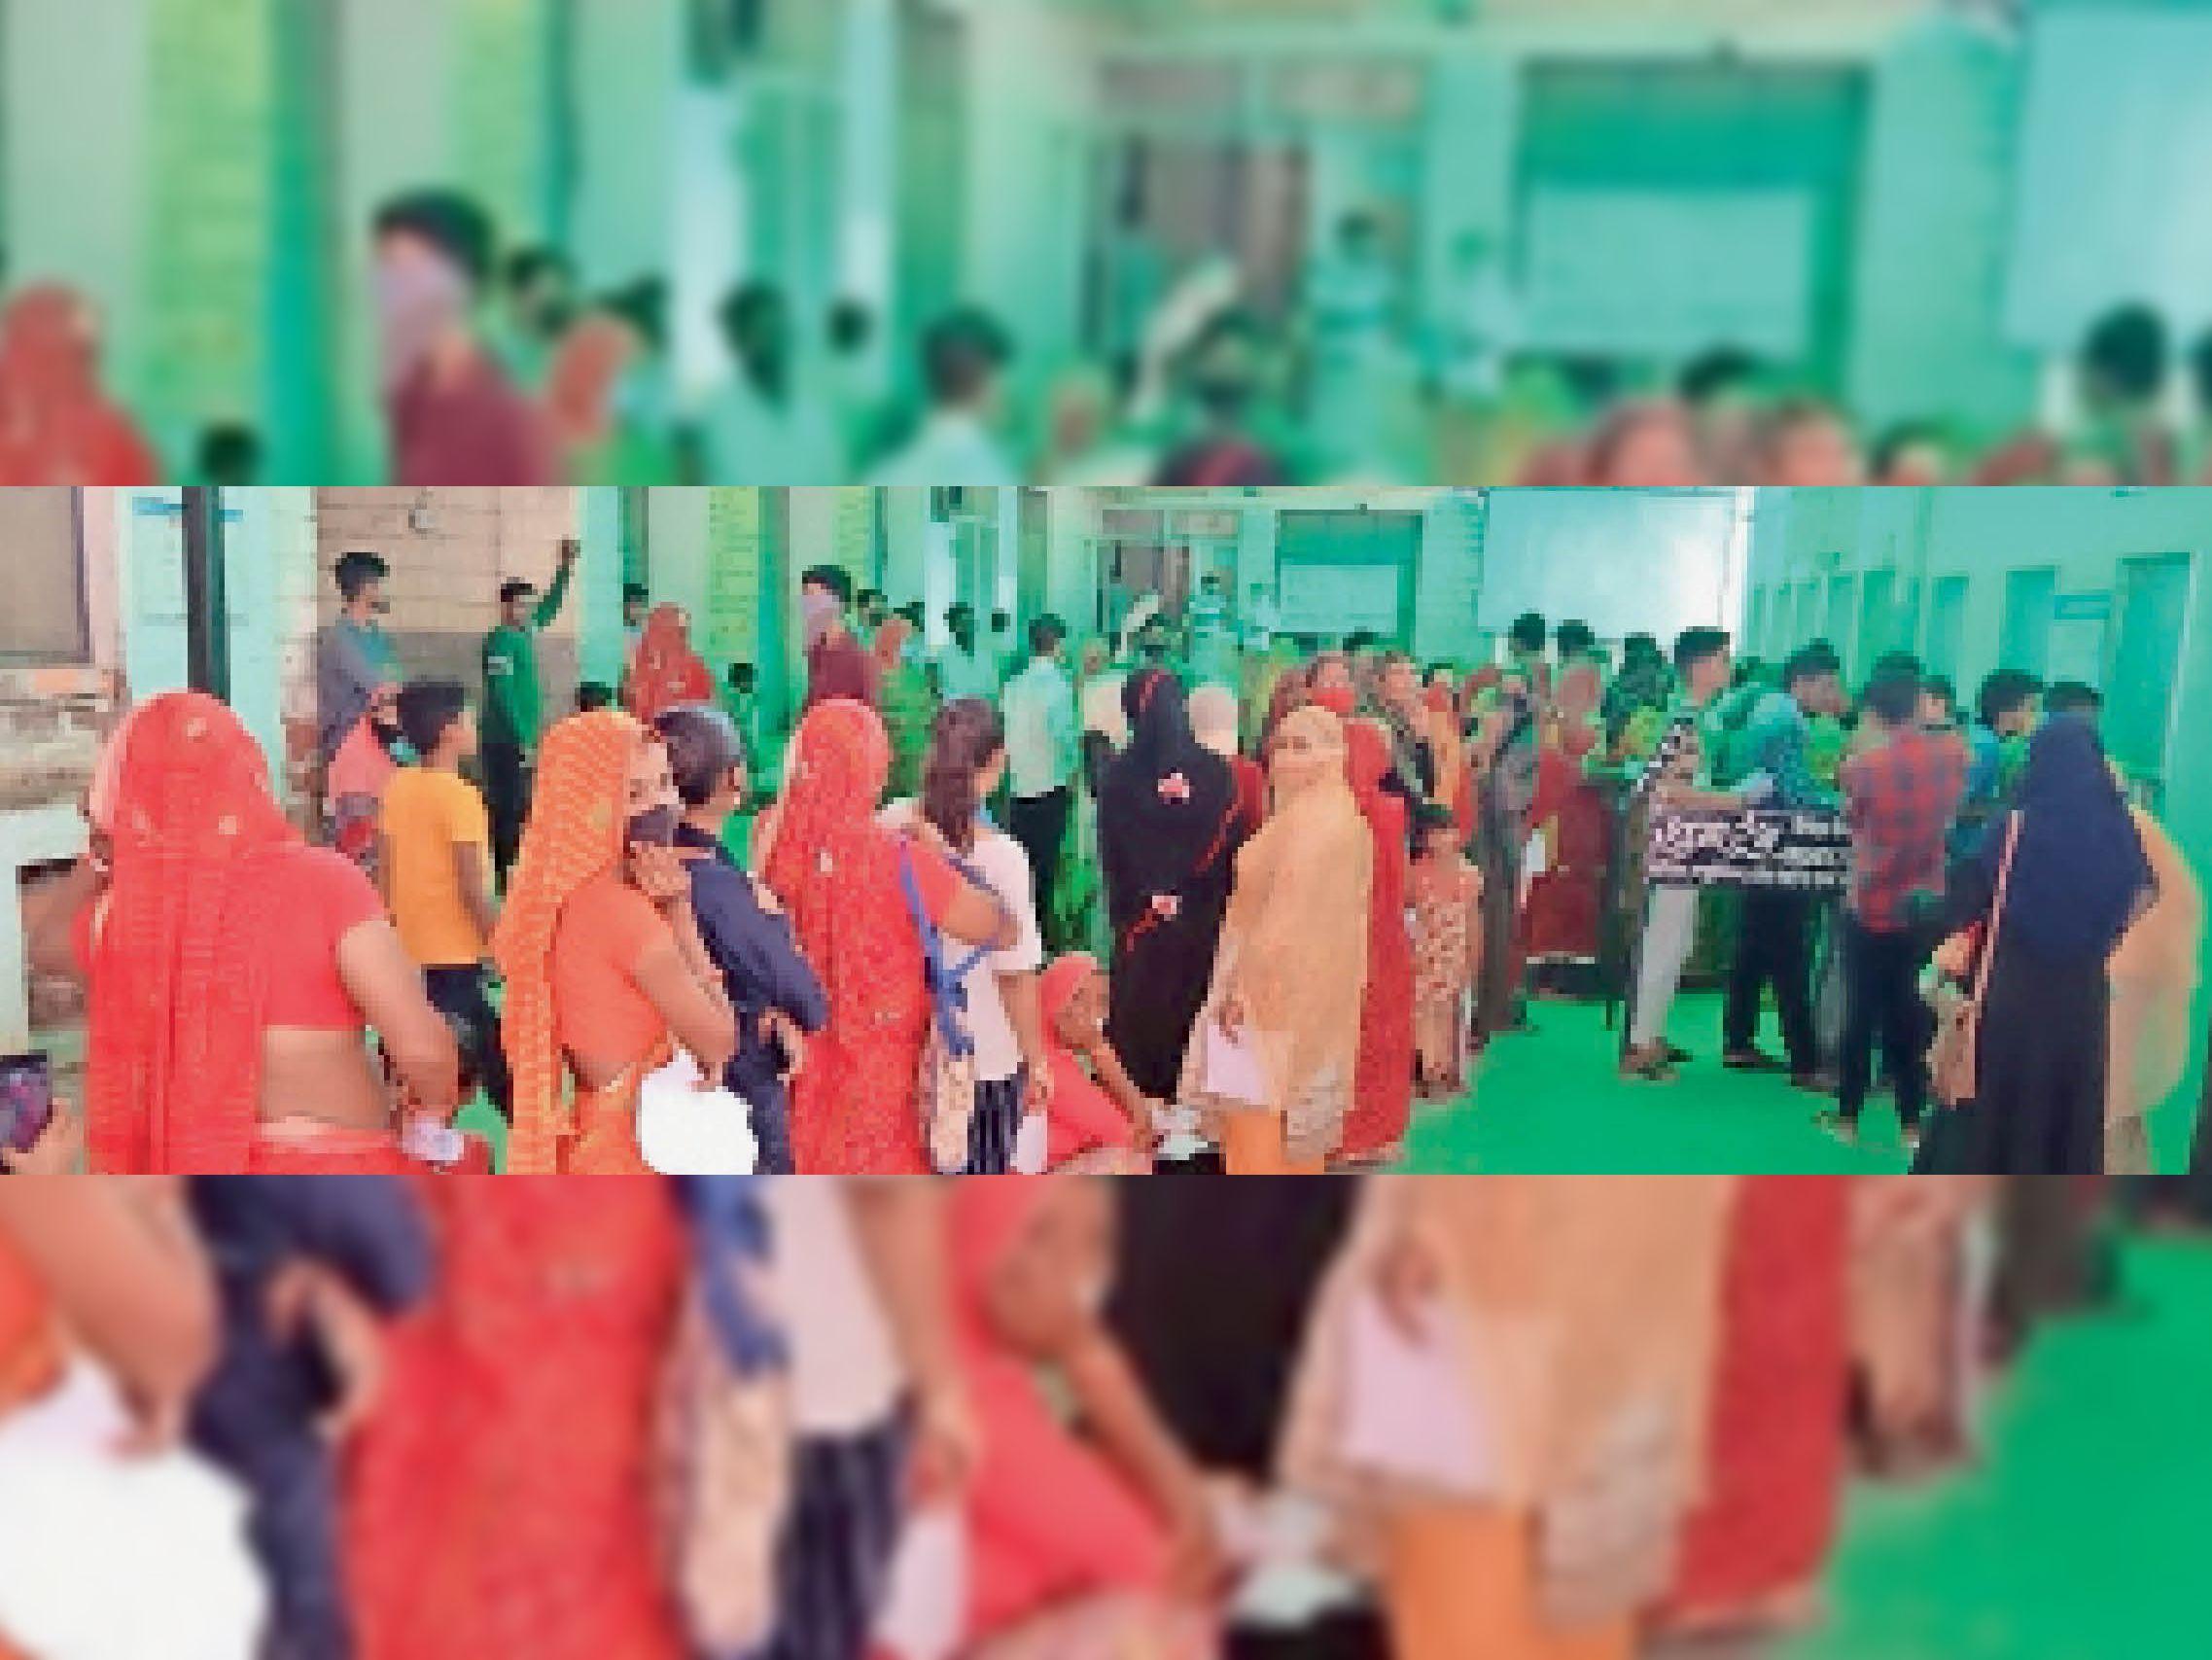 पर्ची काउंटरों पर लगी रोगियों की भीड़। - Dainik Bhaskar